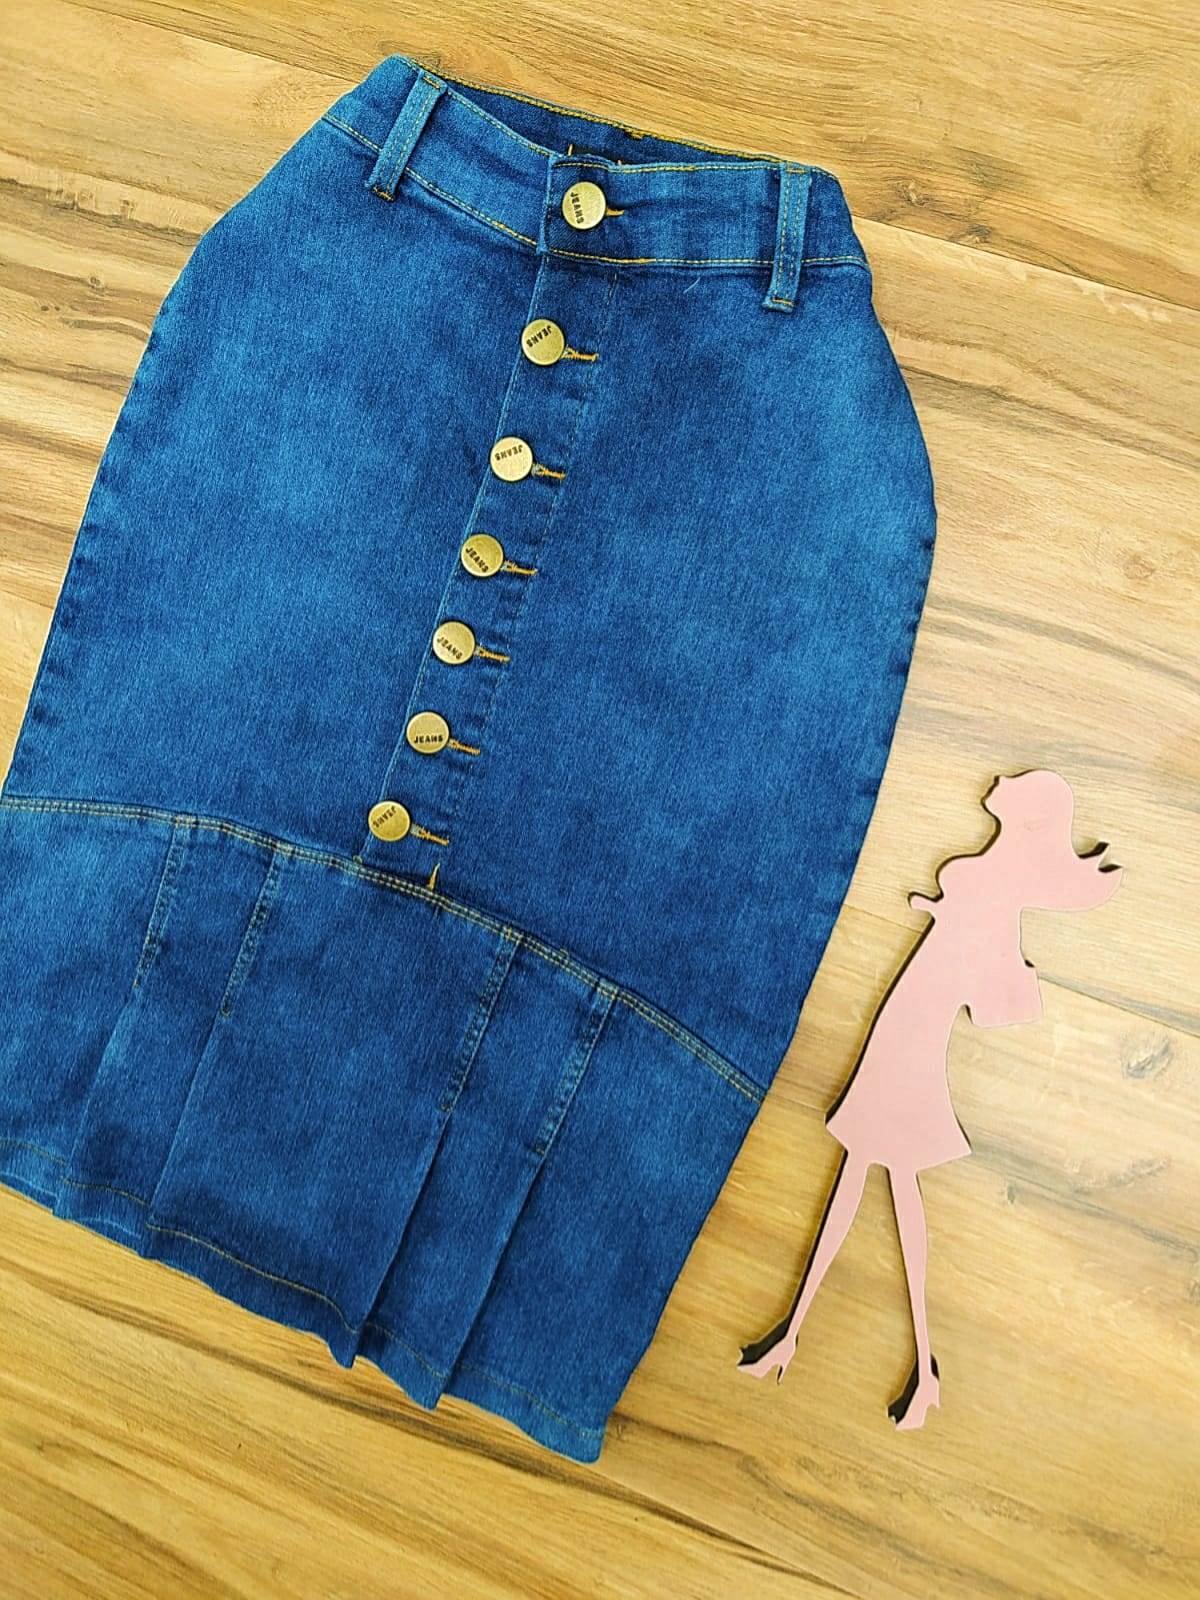 Saia Jeans Fernanda SAIA BELLA SB797185 - azul claro